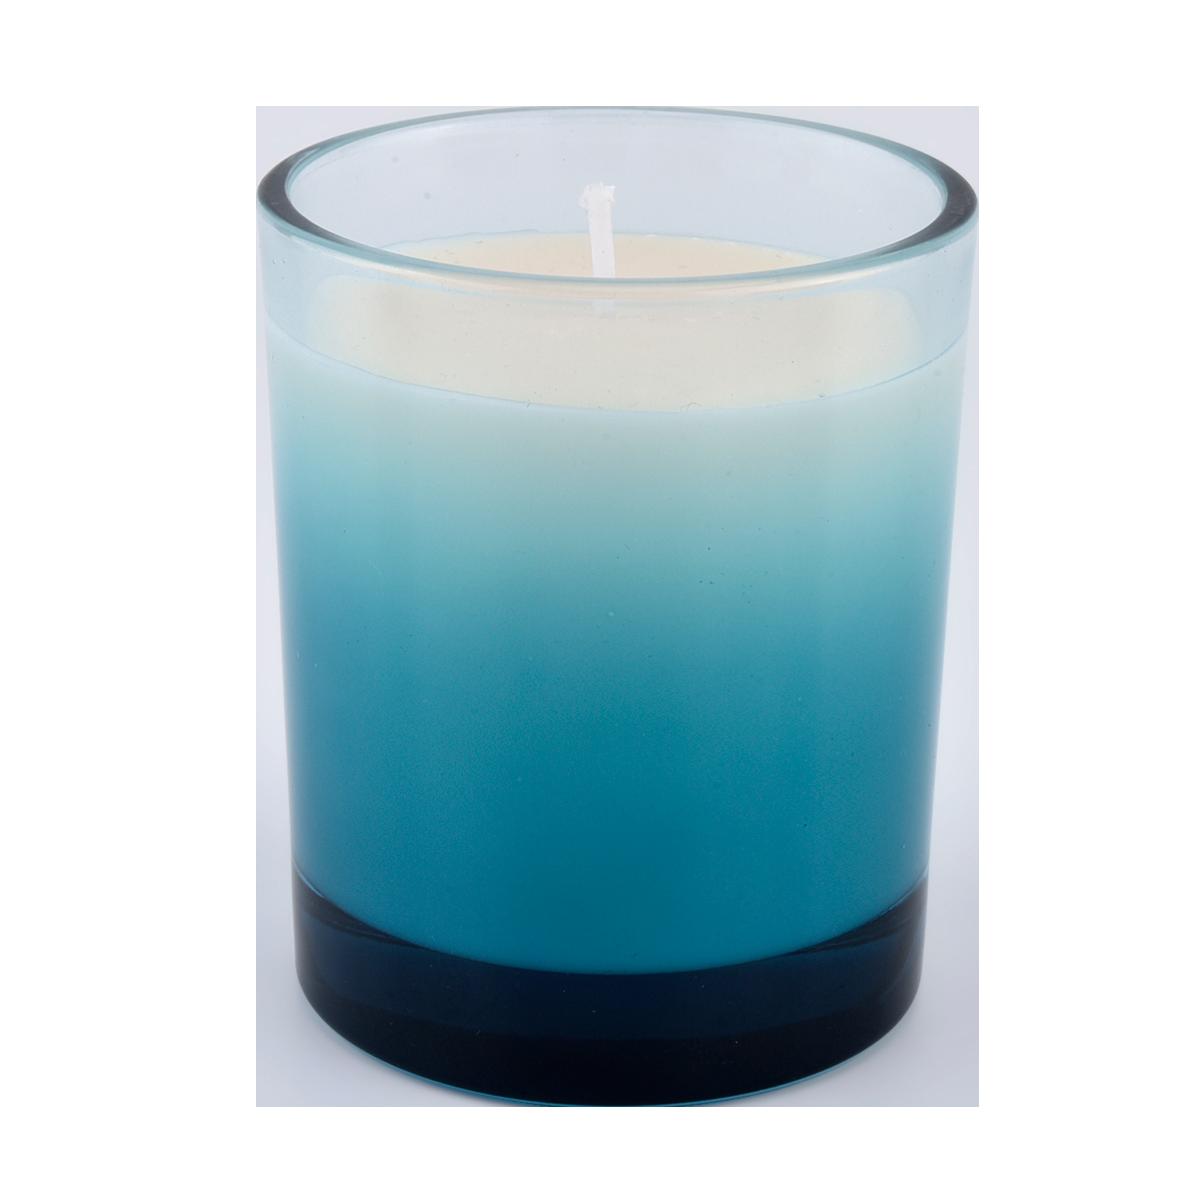 Vlastné sviečkové sklo poháre gradient rampore decor 300ml